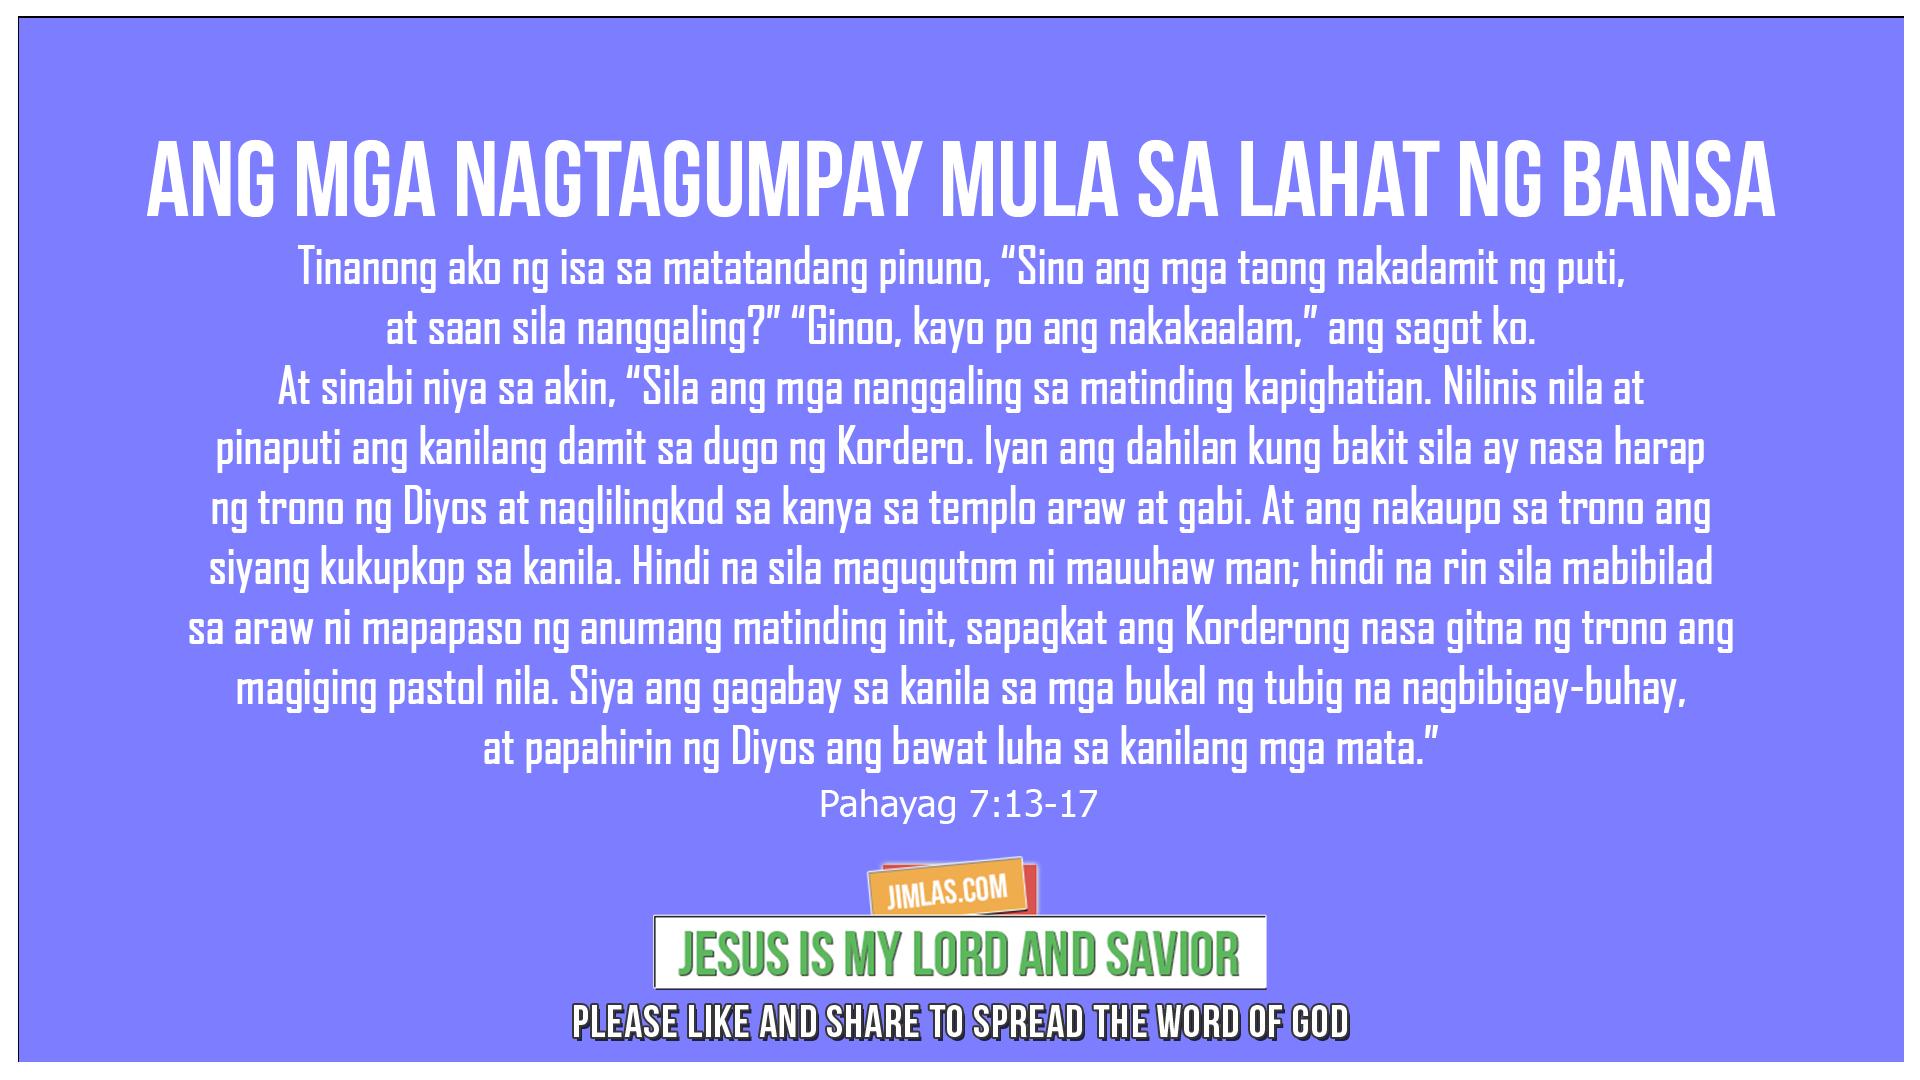 Pahayag 7:13-17, Pahayag 7:13-17